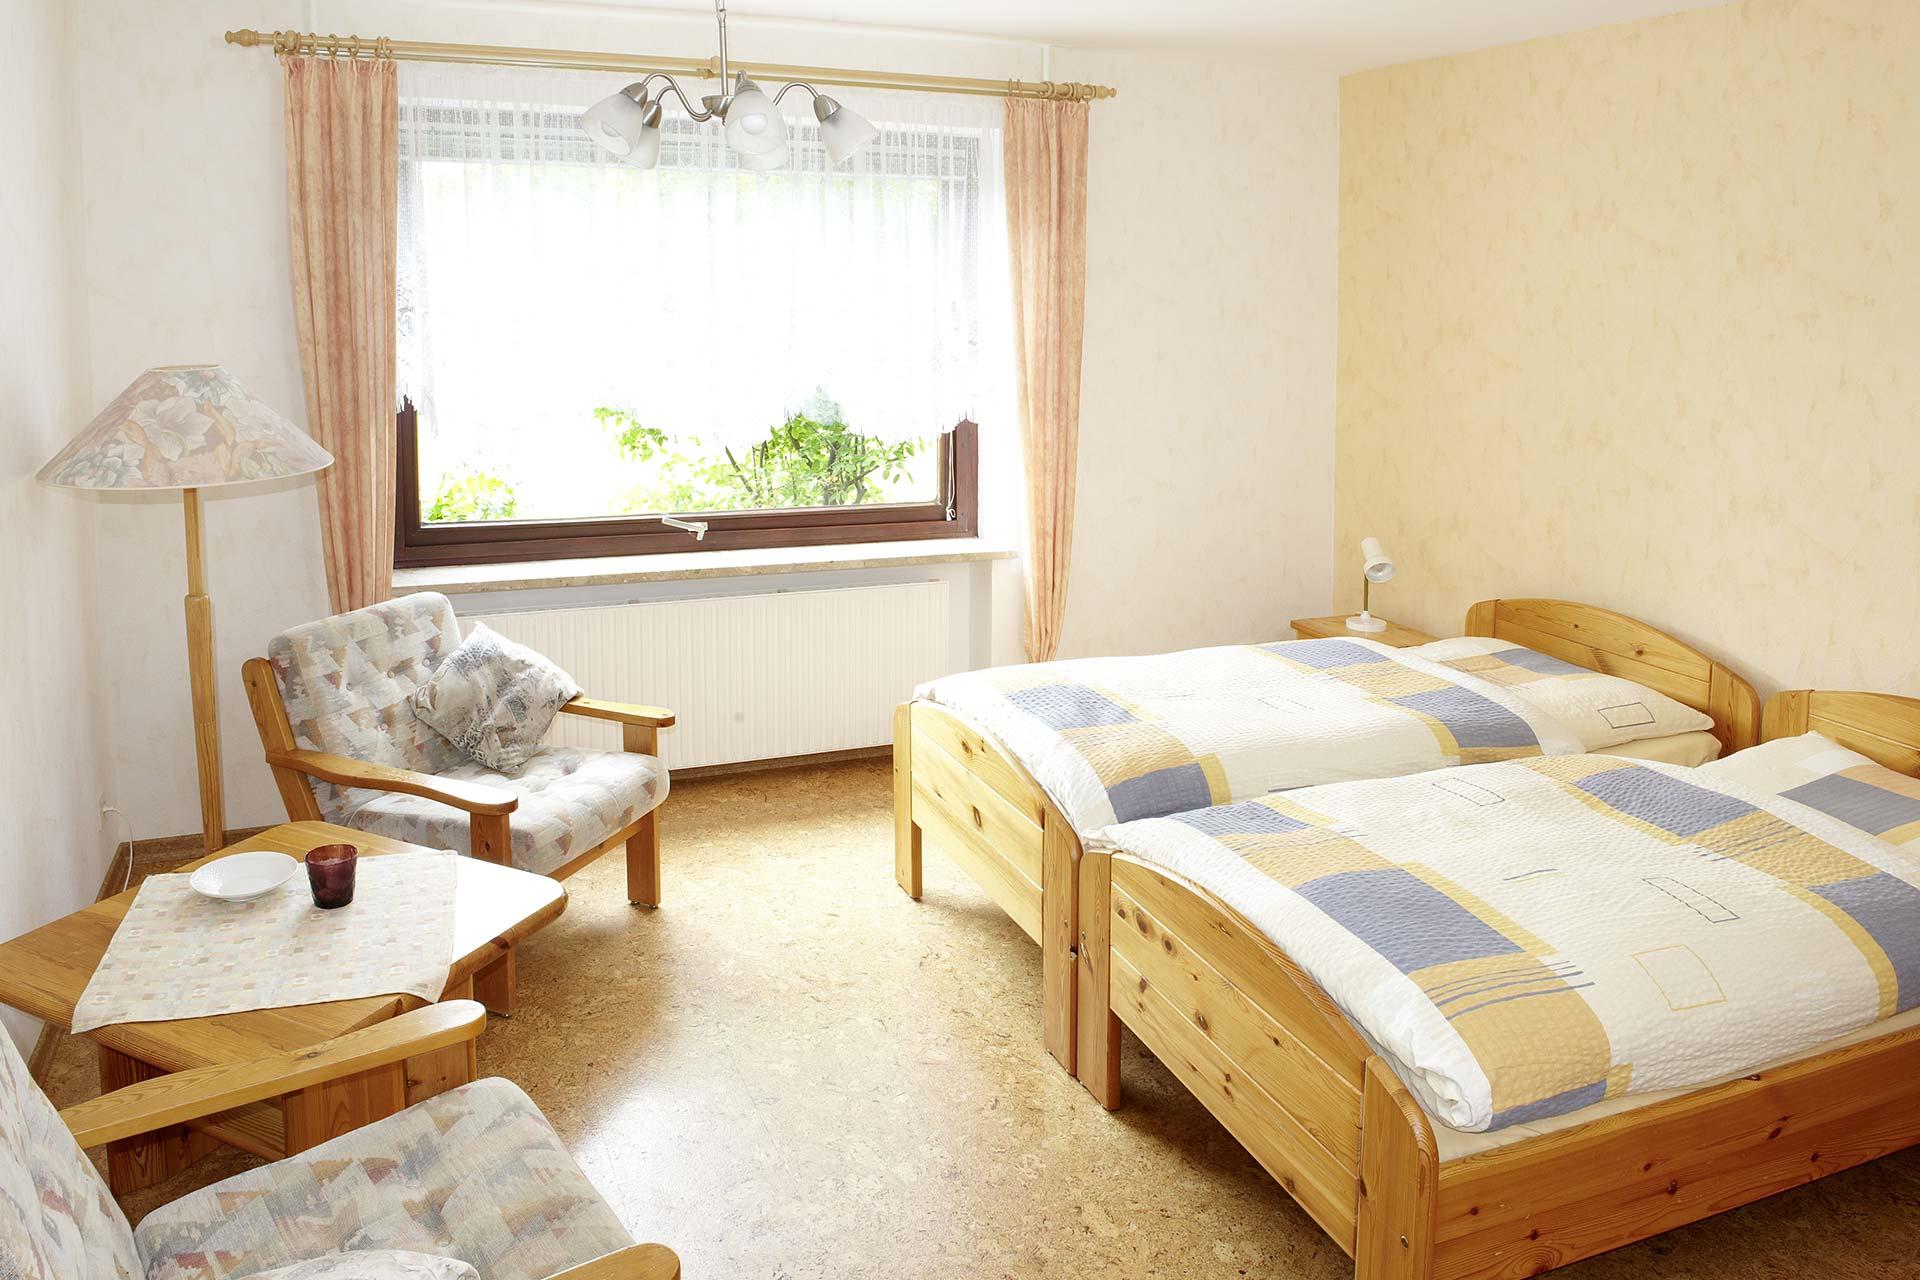 Tapeten & Farben - helles Schlafzimmer mit tapezierten Wänden